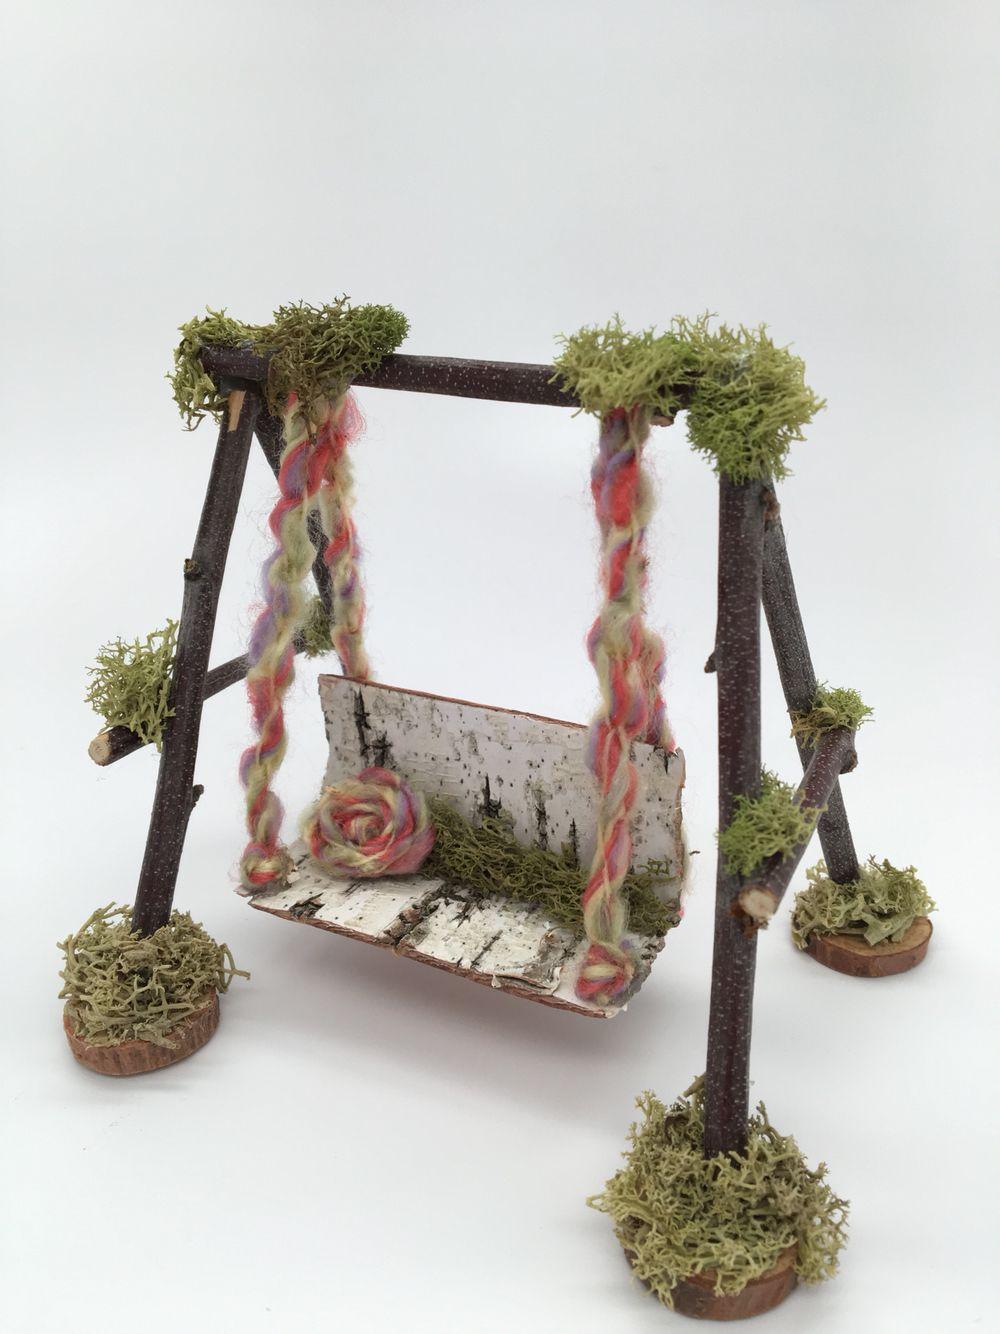 Fairy garden bench swing fairygarden fairygardenideas fairies